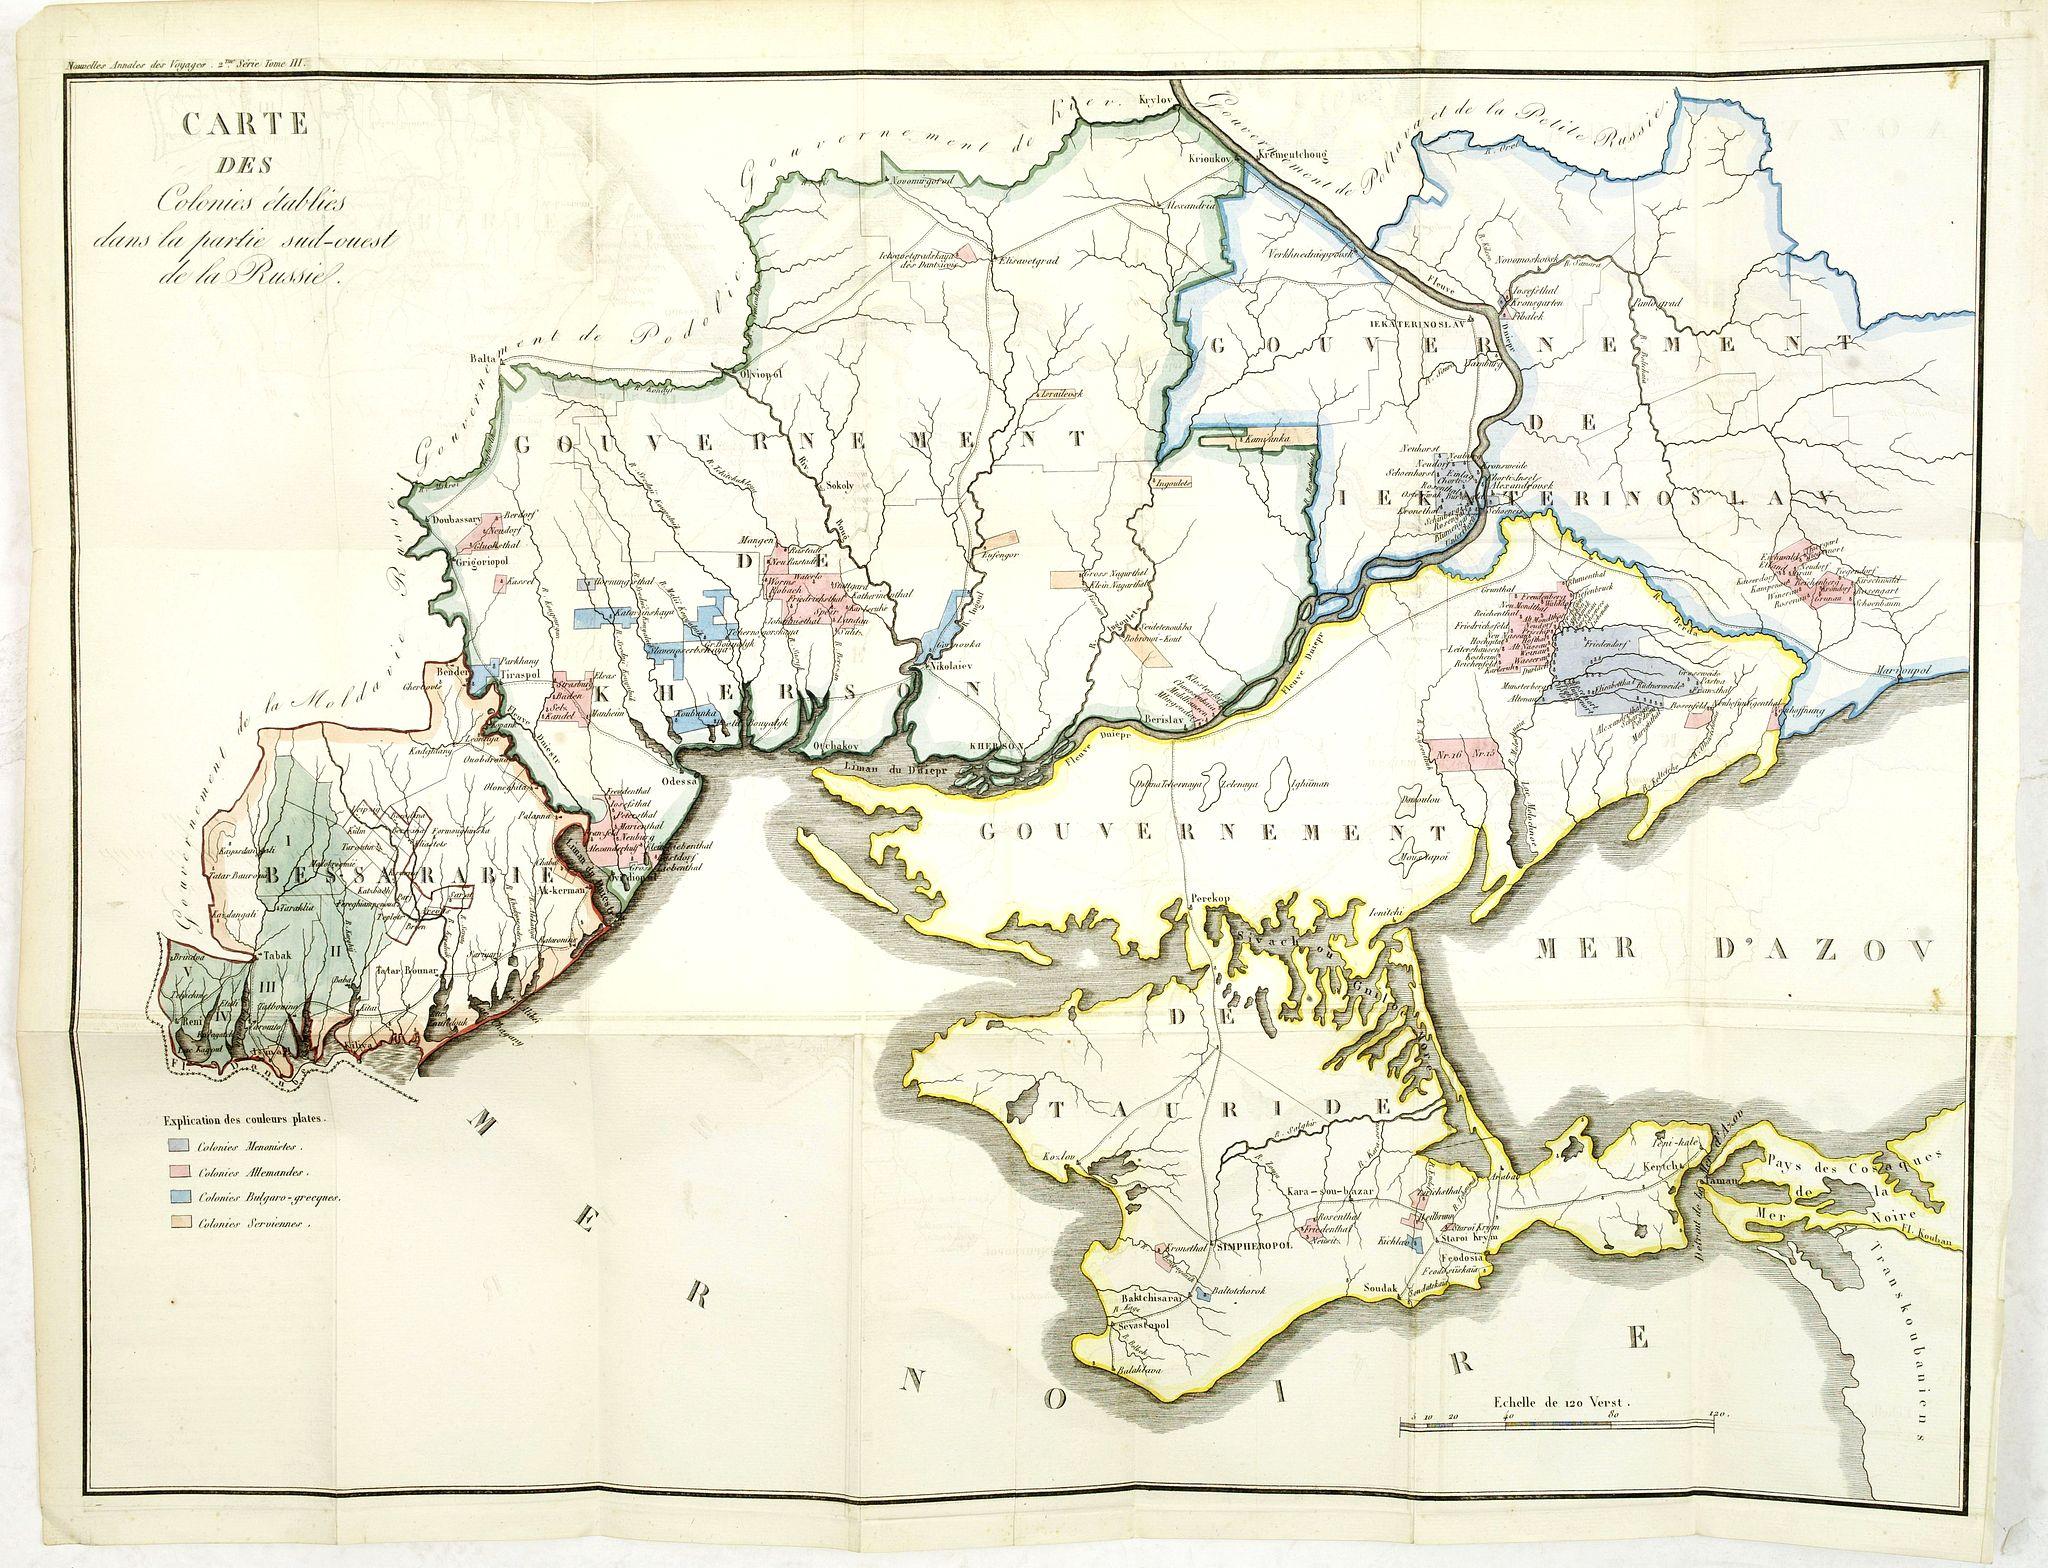 MALTE-BRUN. -  Carte des Colonies établies dans la partie Sud-Ouest de la Russie.